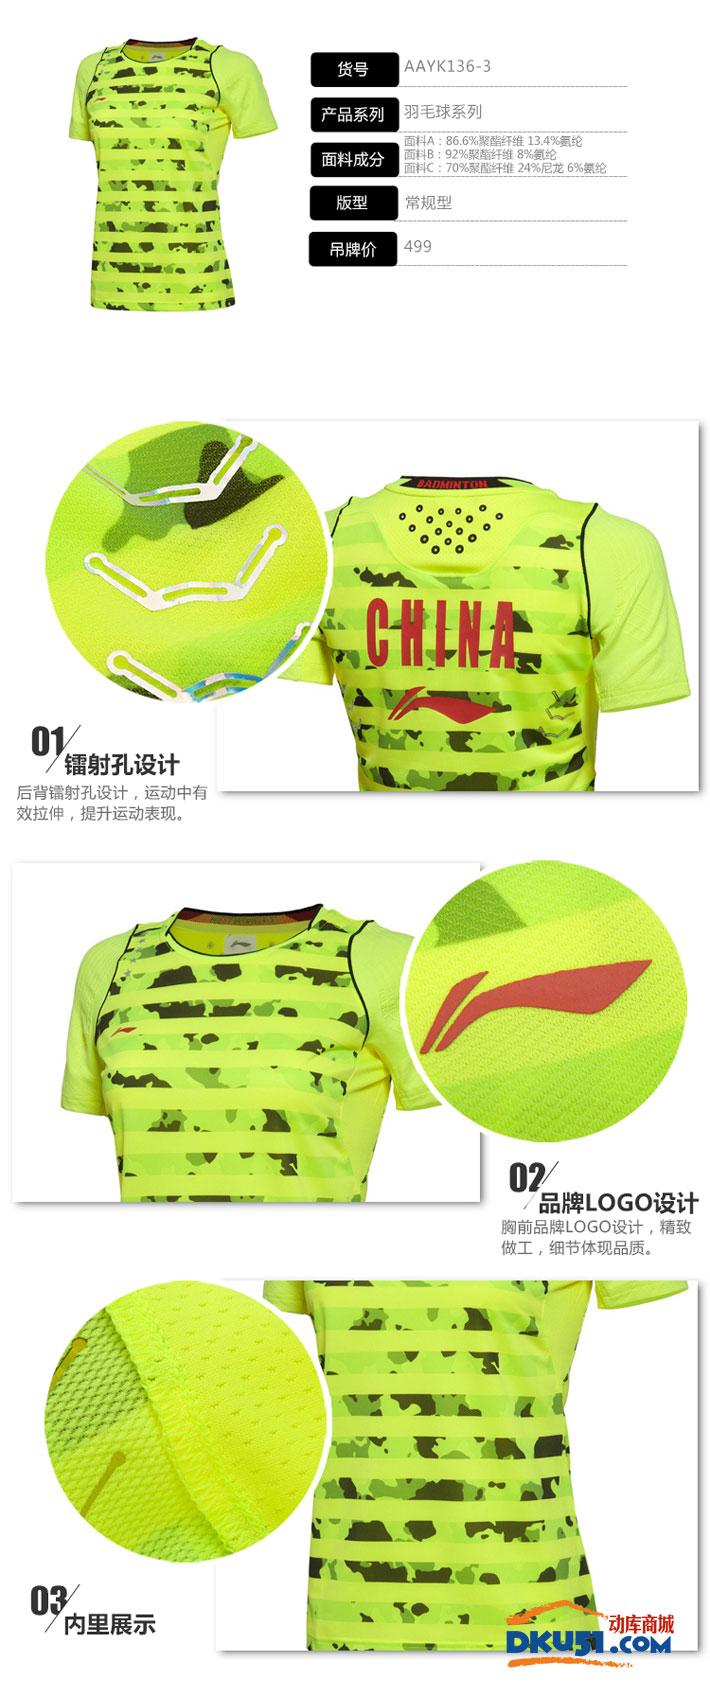 李宁 AAYK136-1 女款羽毛球服T恤 荧光亮绿